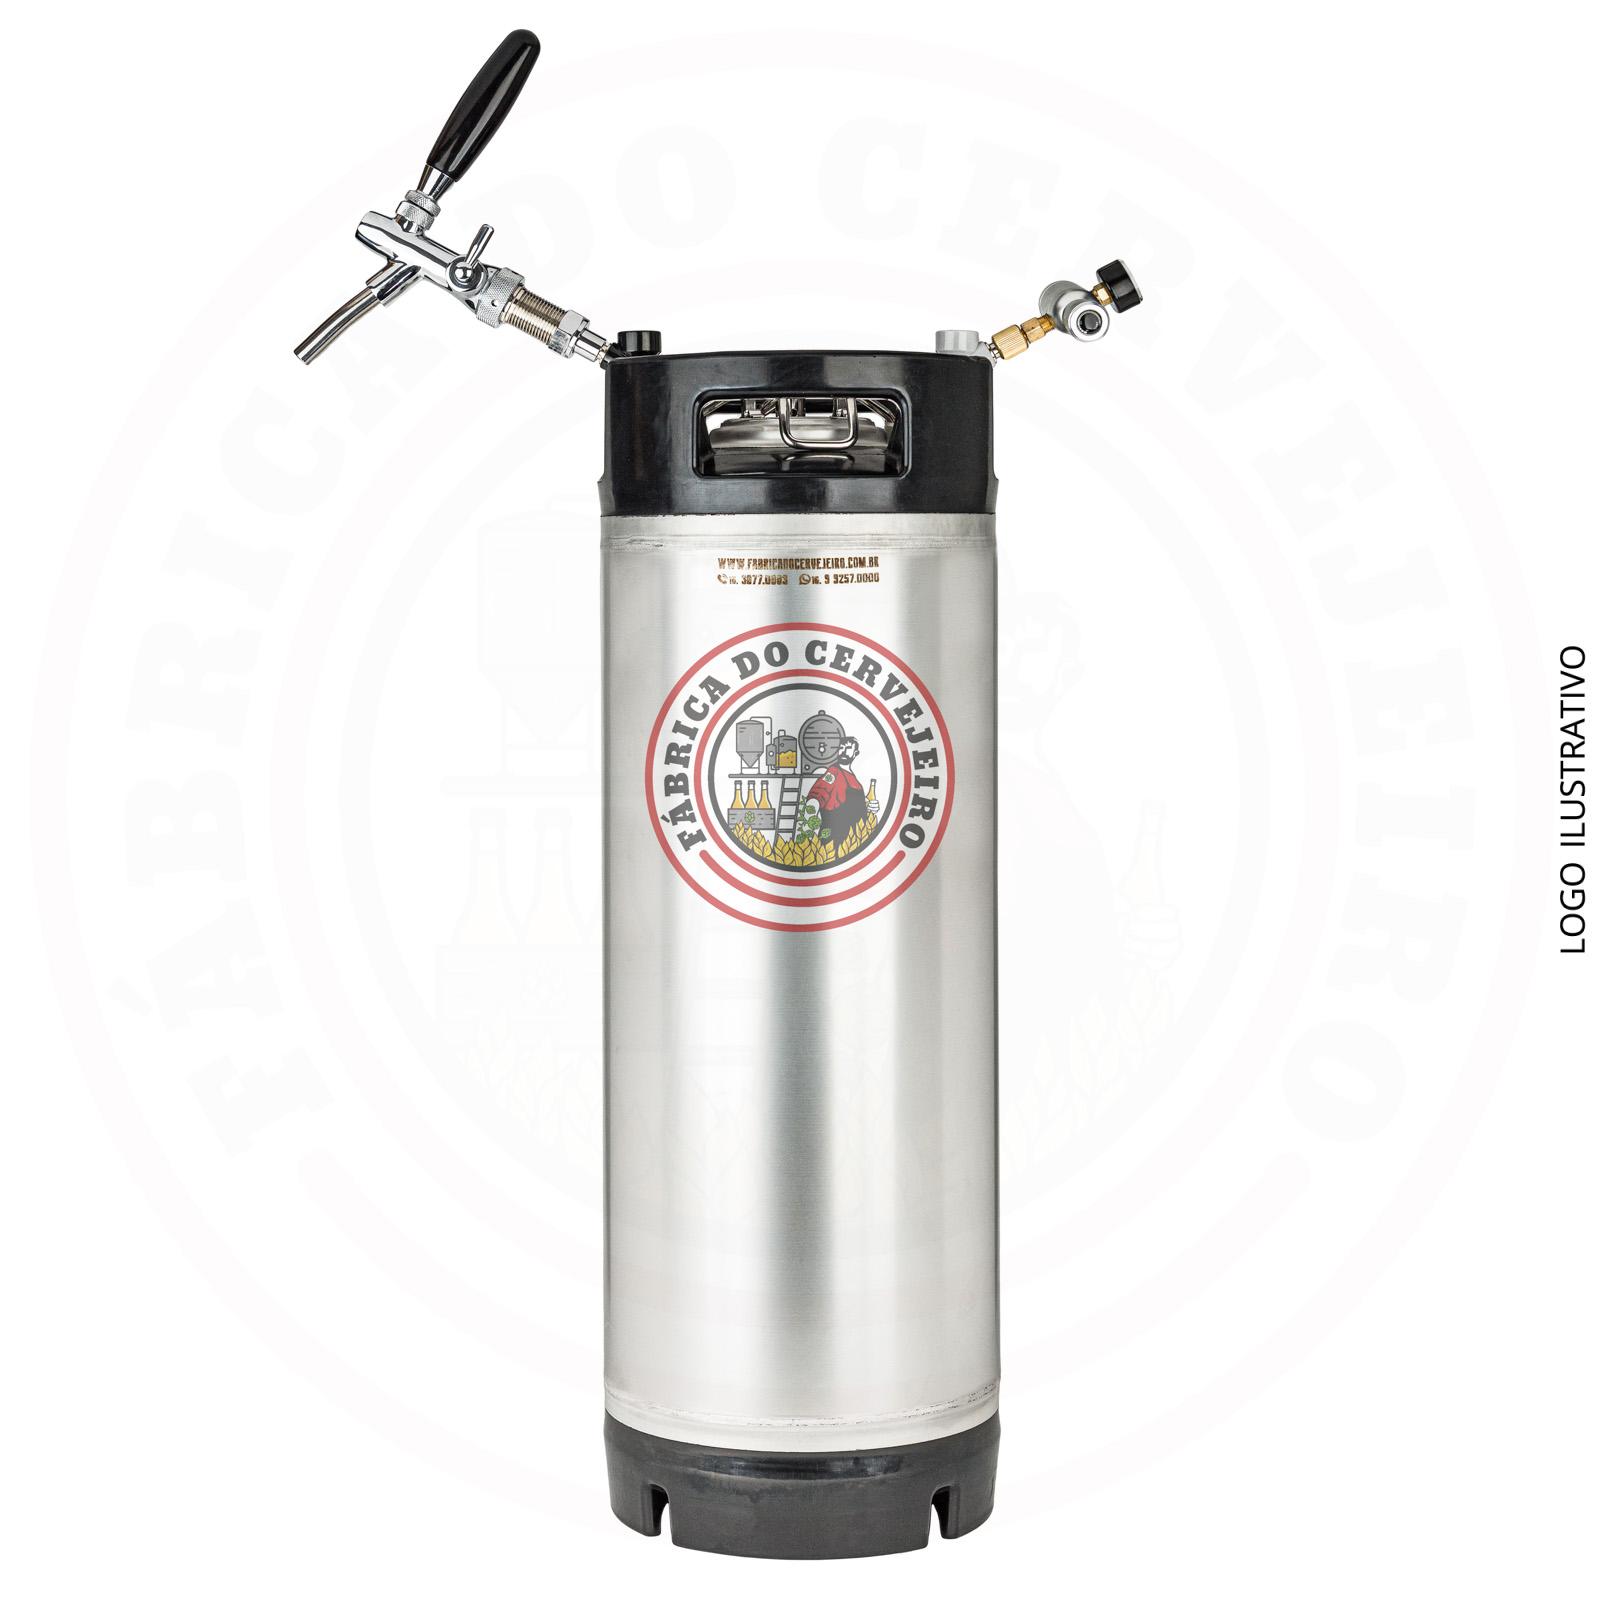 kit mini keg post mix 19L com torneira italiana e mini regulador hobby